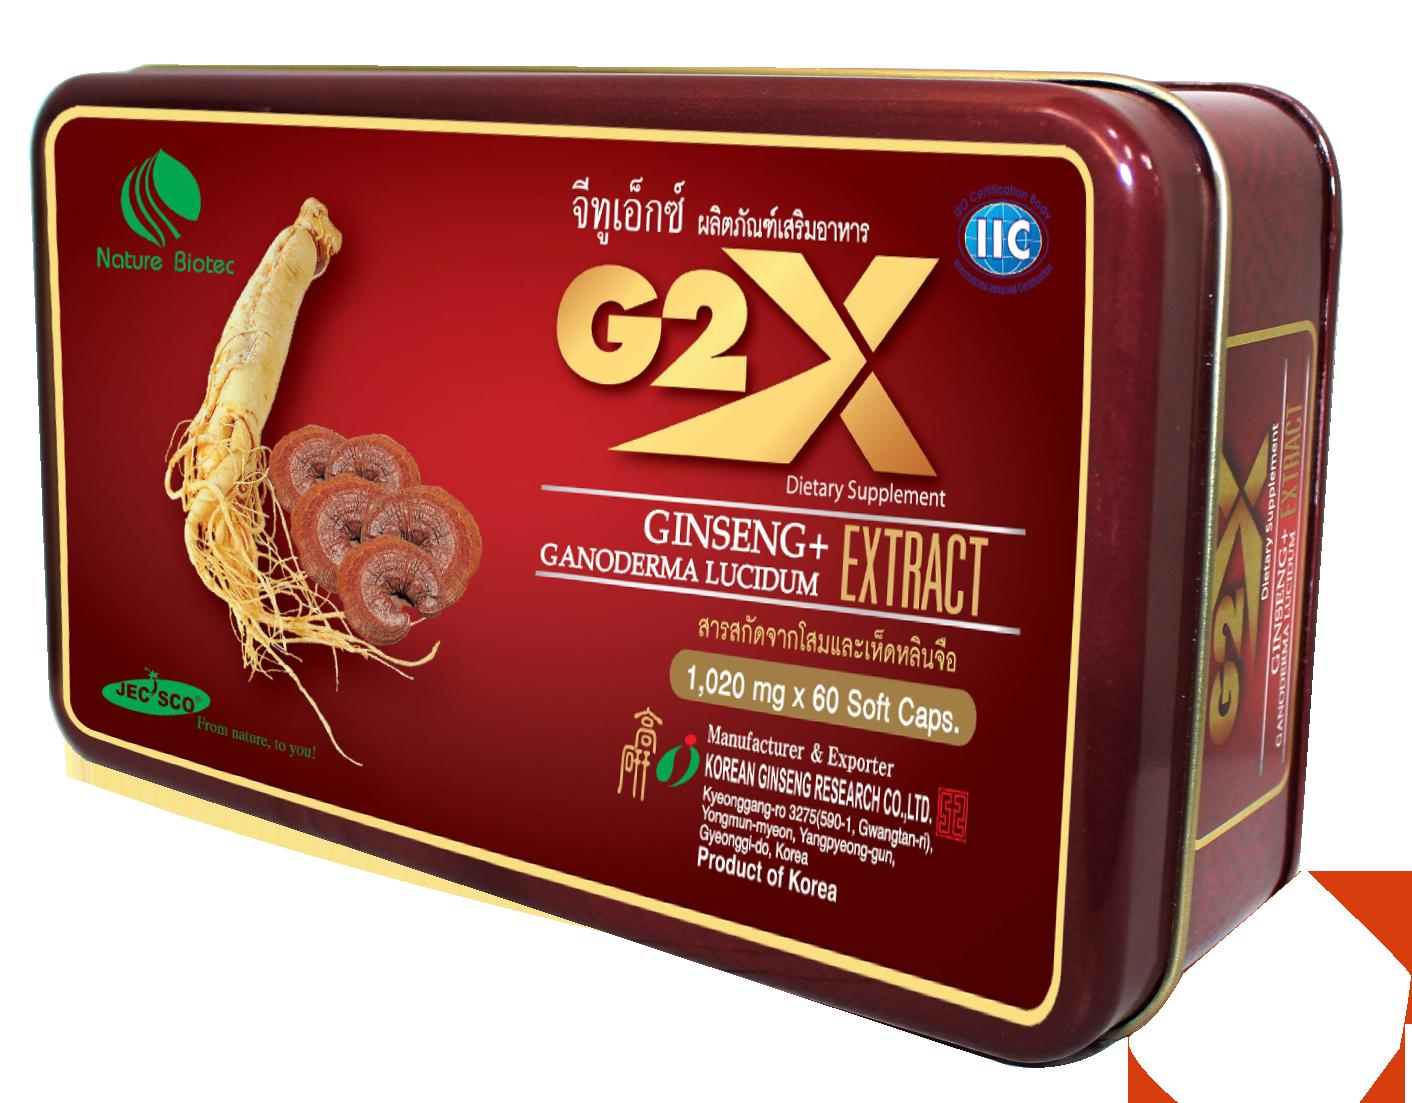 G2X จี ทู เอ็กซ์ ผลิตภัณฑ์เสริมอาหาร สารสกัดจากโสมเกาหลี และเห็ดหลินจือ